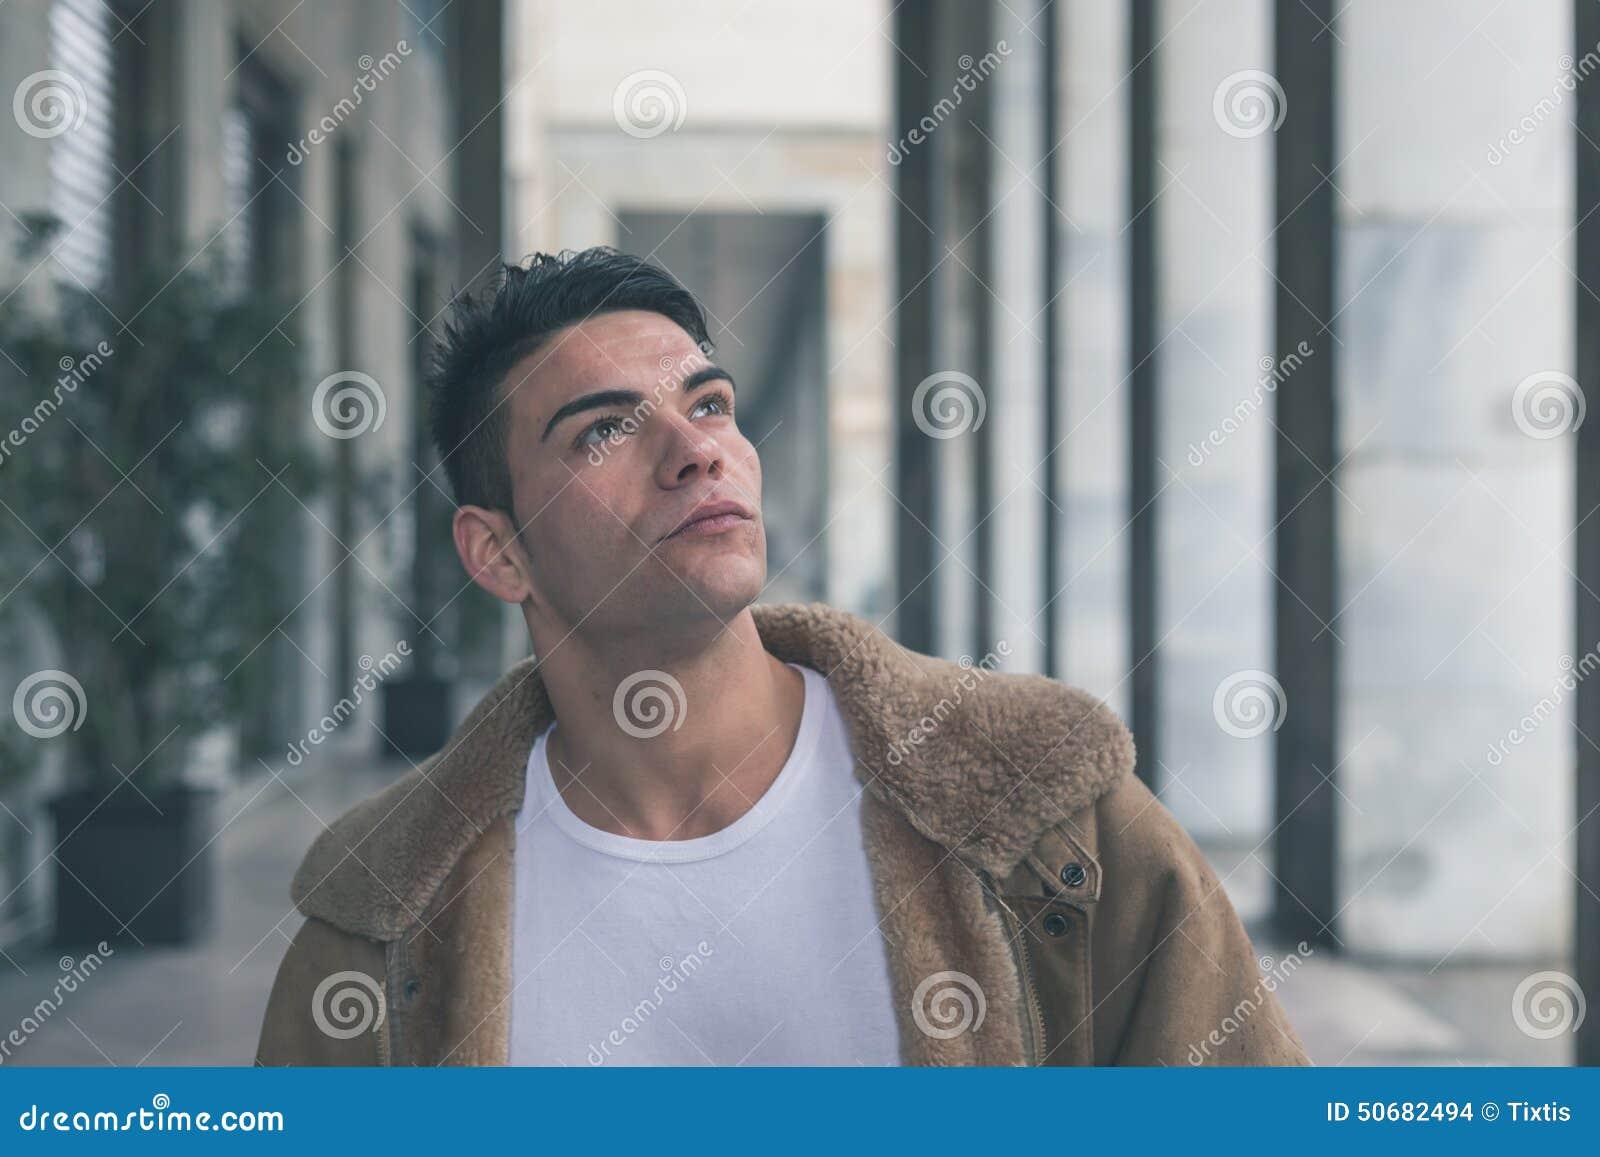 Download 摆在城市街道的年轻英俊的人 库存照片. 图片 包括有 冷静, 逗人喜爱, 人员, 成人, 时髦, 强烈, 全能 - 50682494